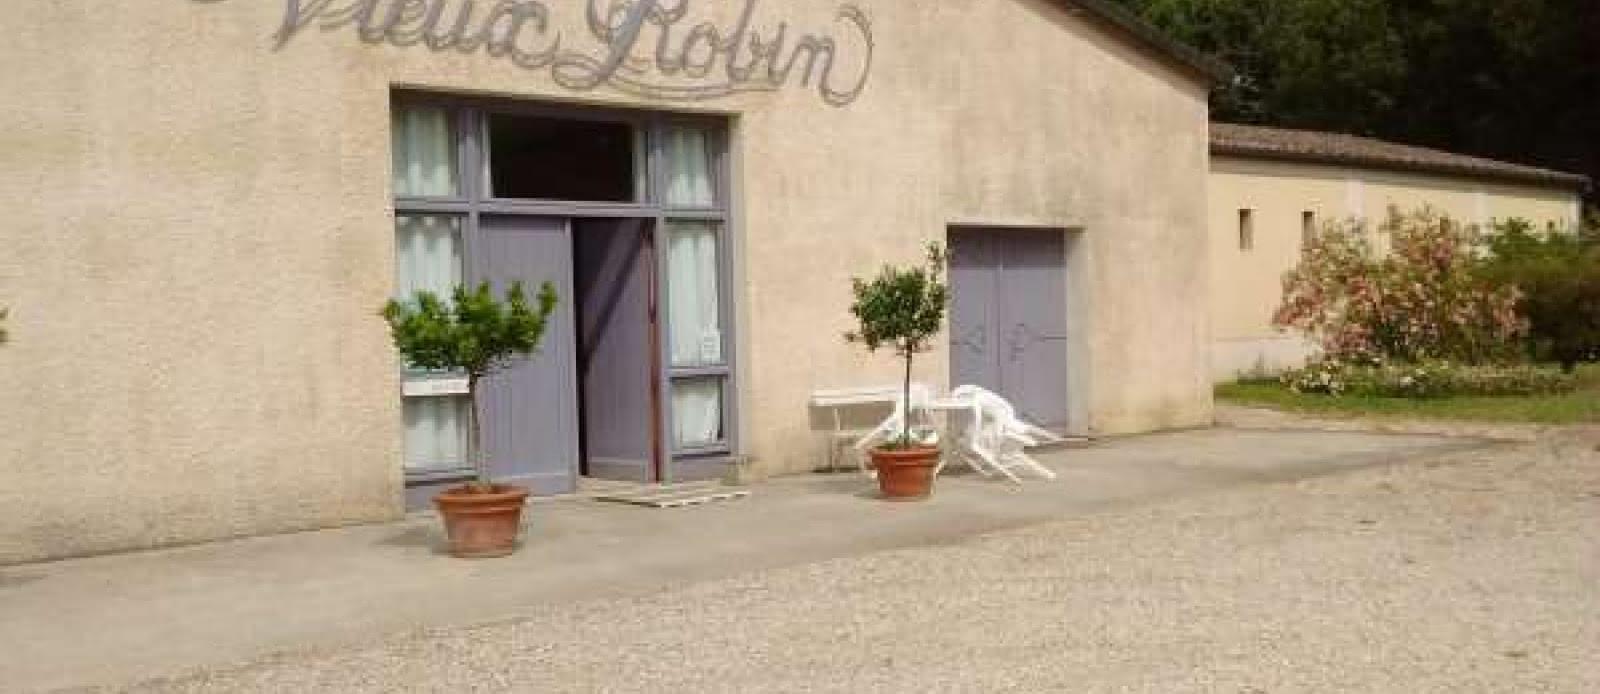 33. Château Vieux Robin extérieurs